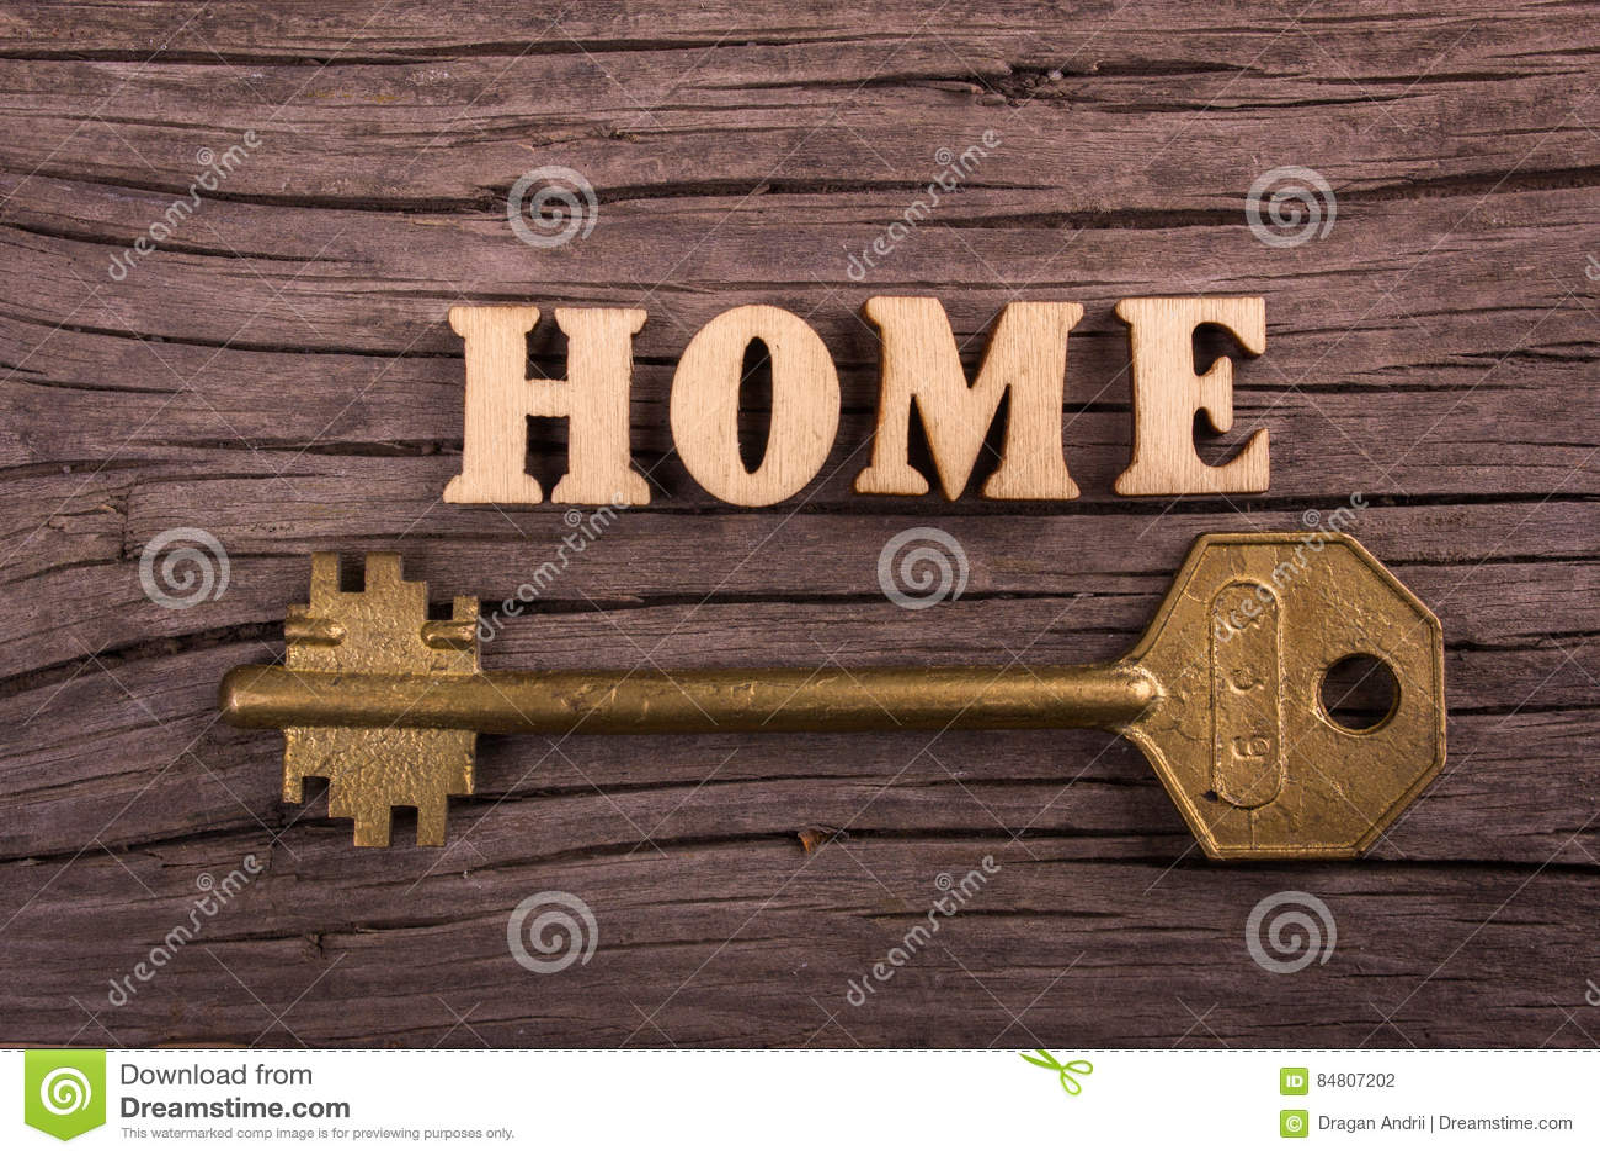 Σπίτι λέξης φιαγμένο από ξύλινες επιστολές με ένα κλειδί